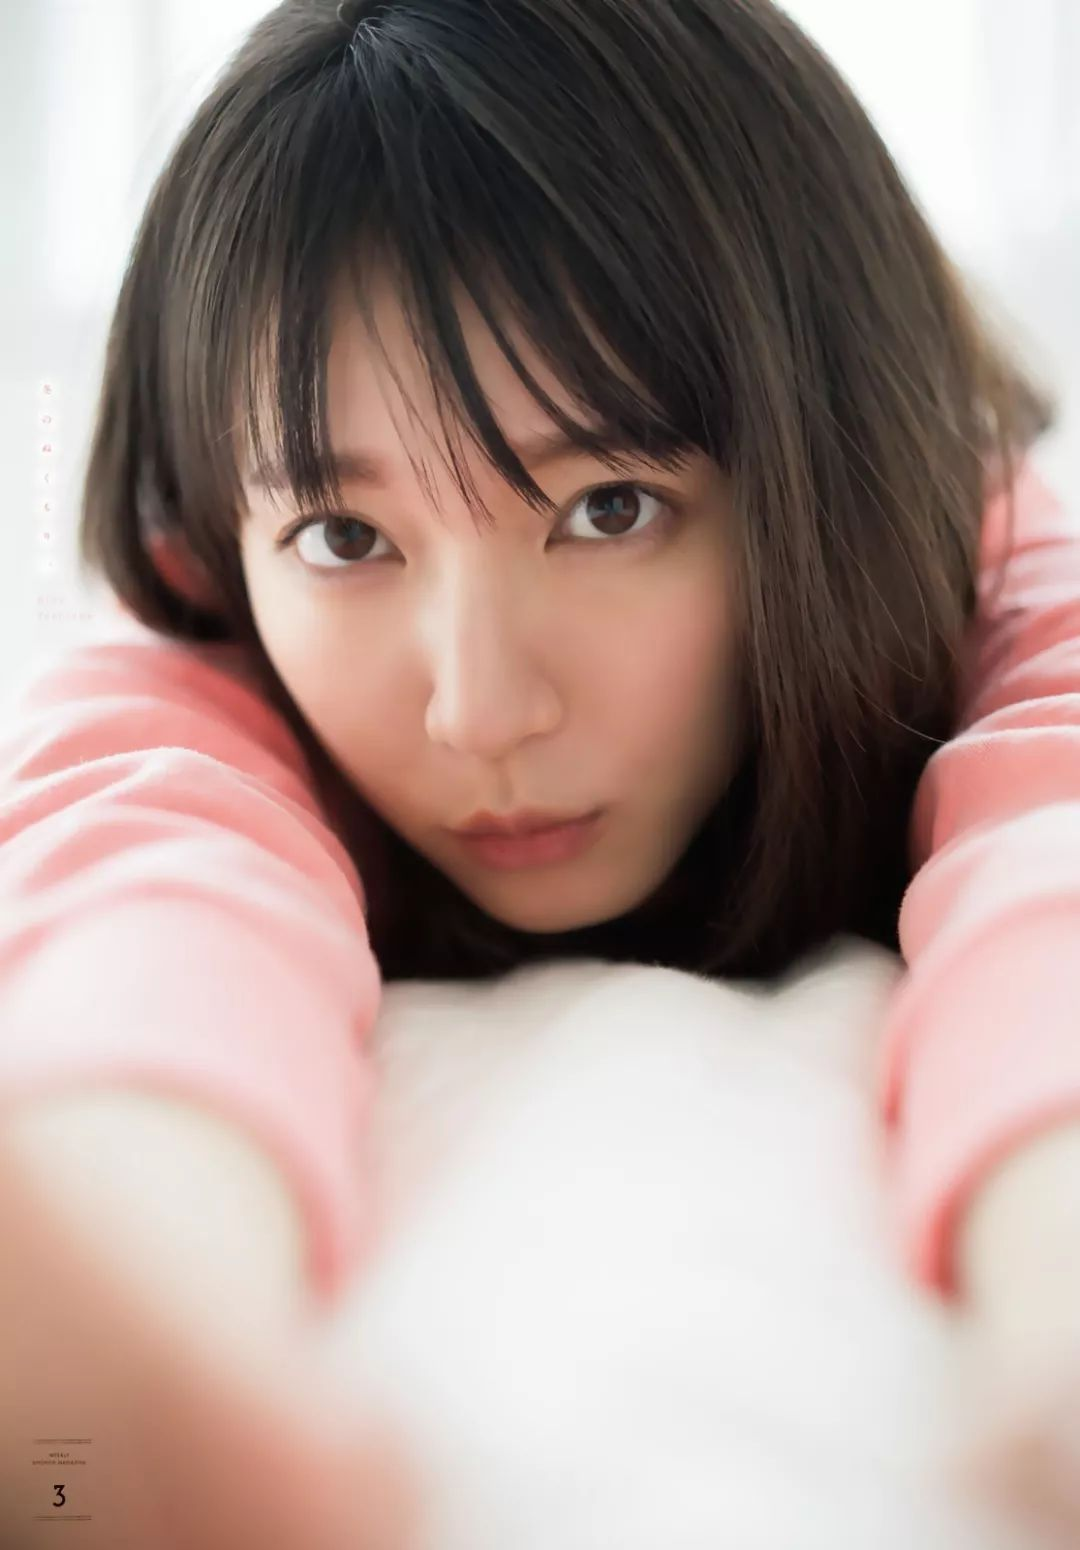 这个冬天、我想和吉冈里帆一起度过。